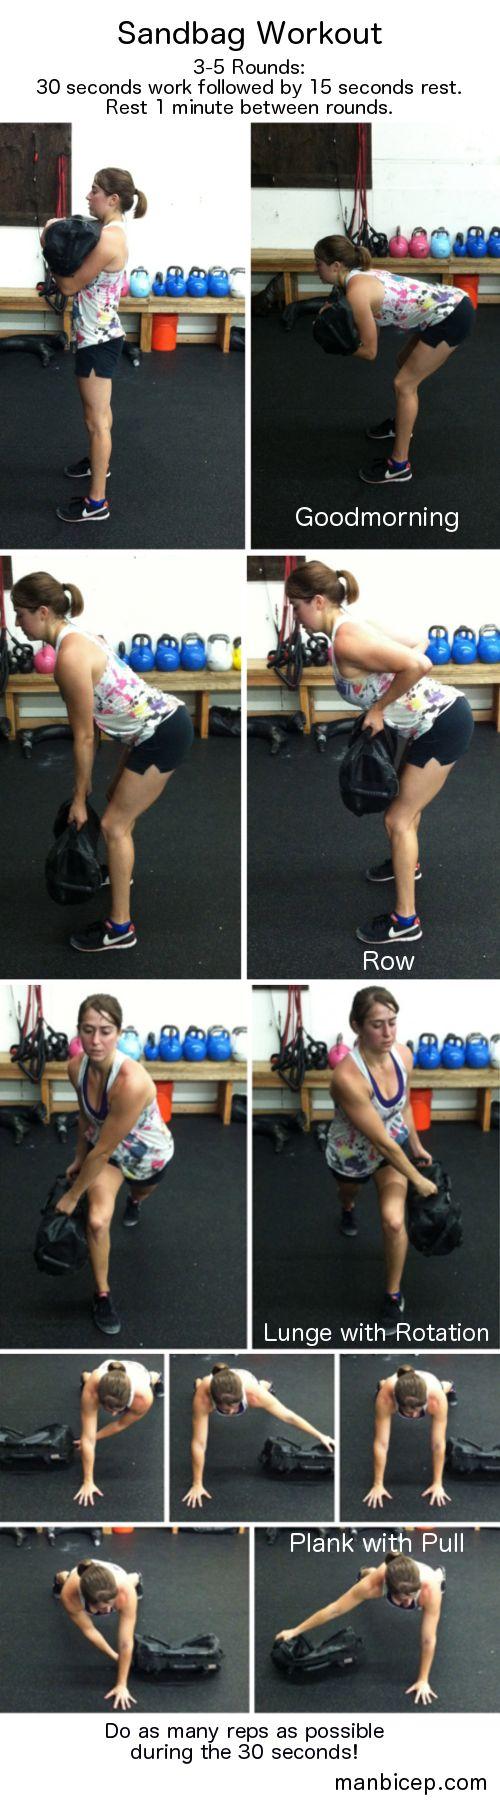 Sandbag workout!  Weight alternative!